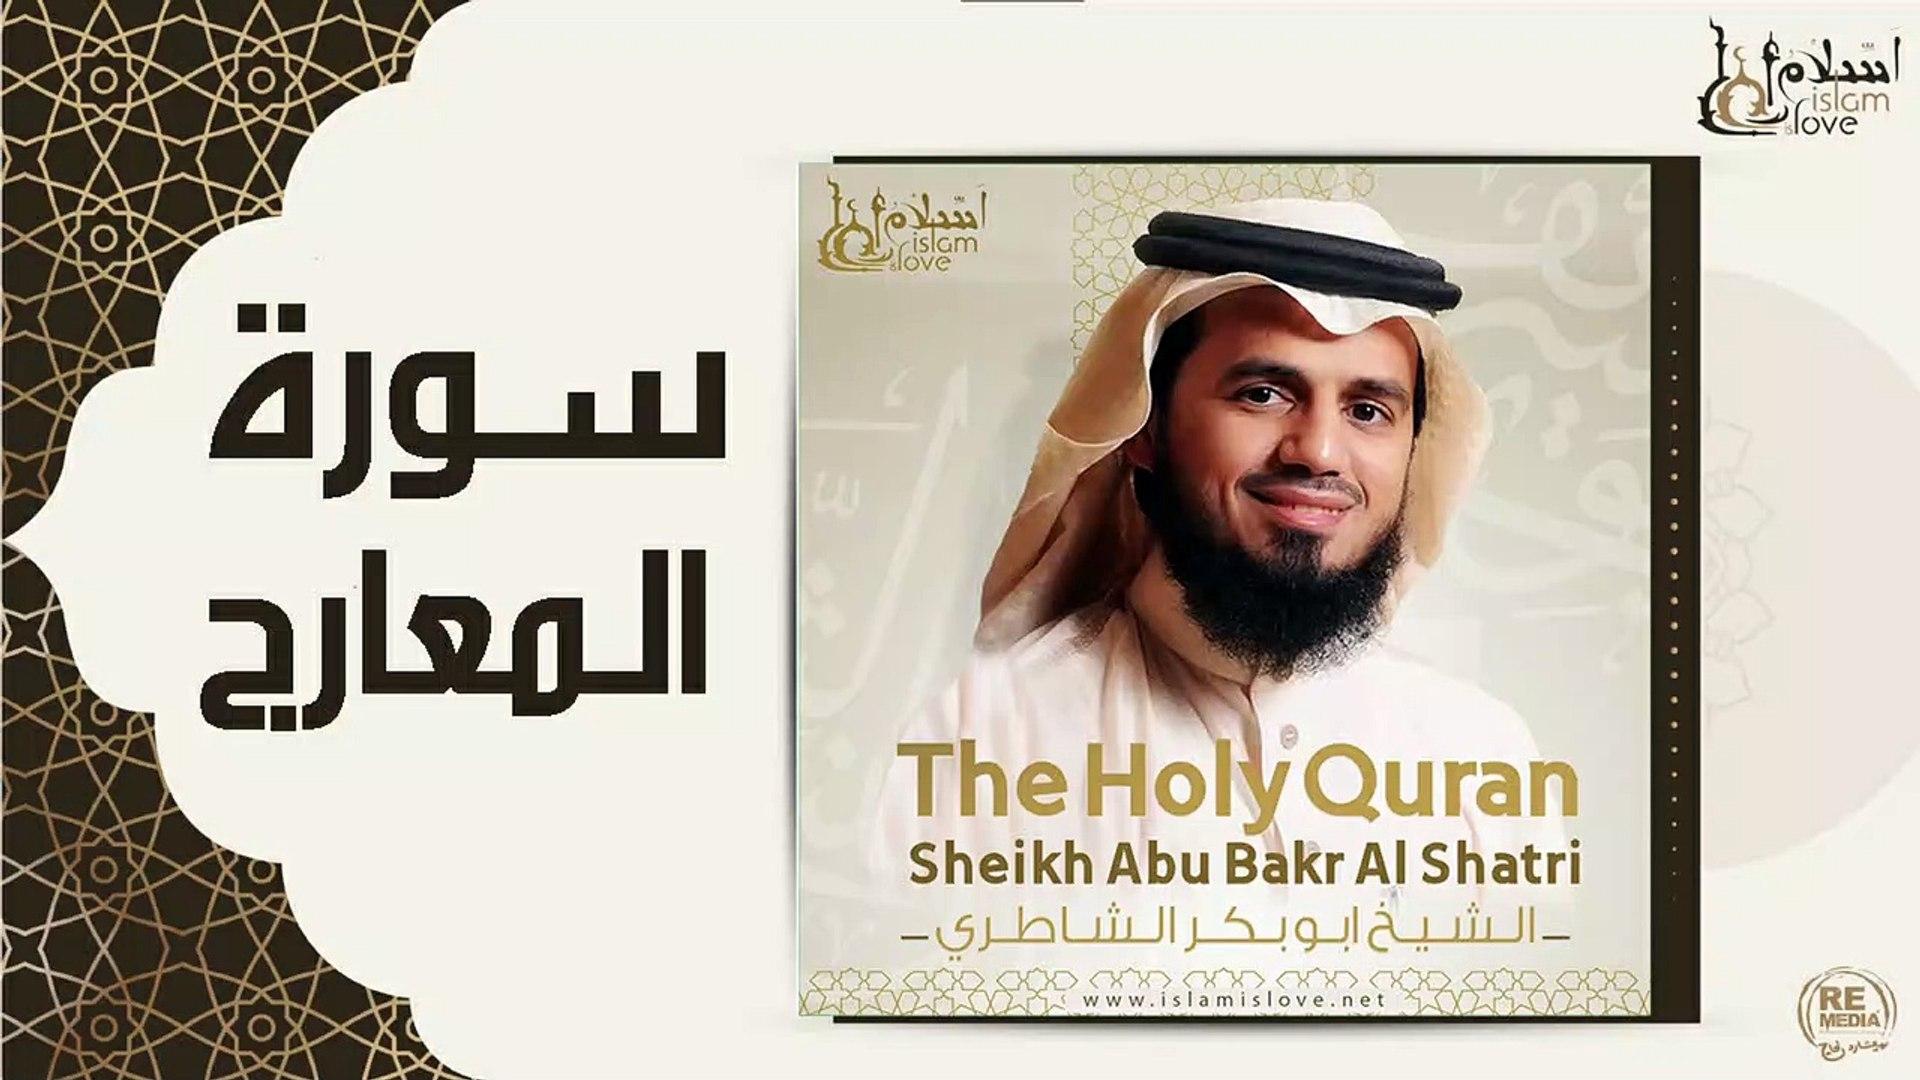 الشيخ ابو بكر الشاطري - سورة المعارج